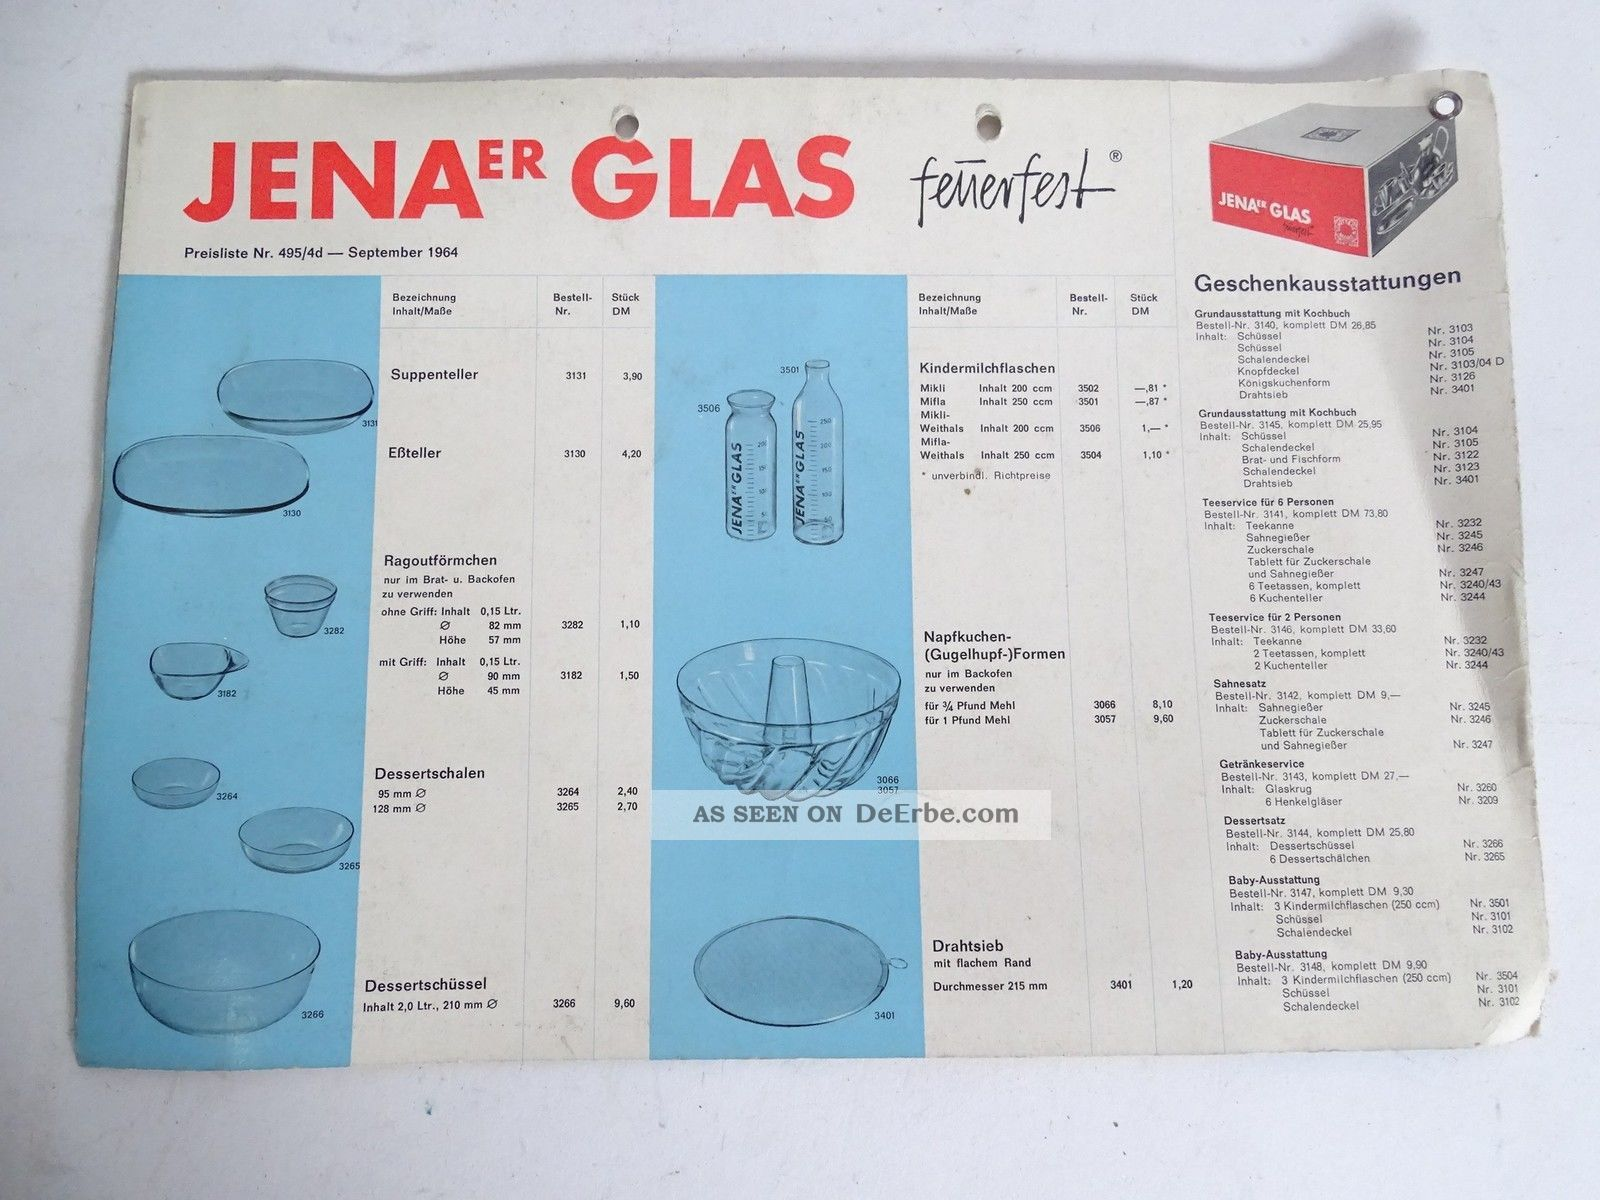 Rarität Jenaer Glas Wagenfeld Schott 4 Seitig Broschüre Produkte Und Preise 1965 1920-1949, Art Déco Bild